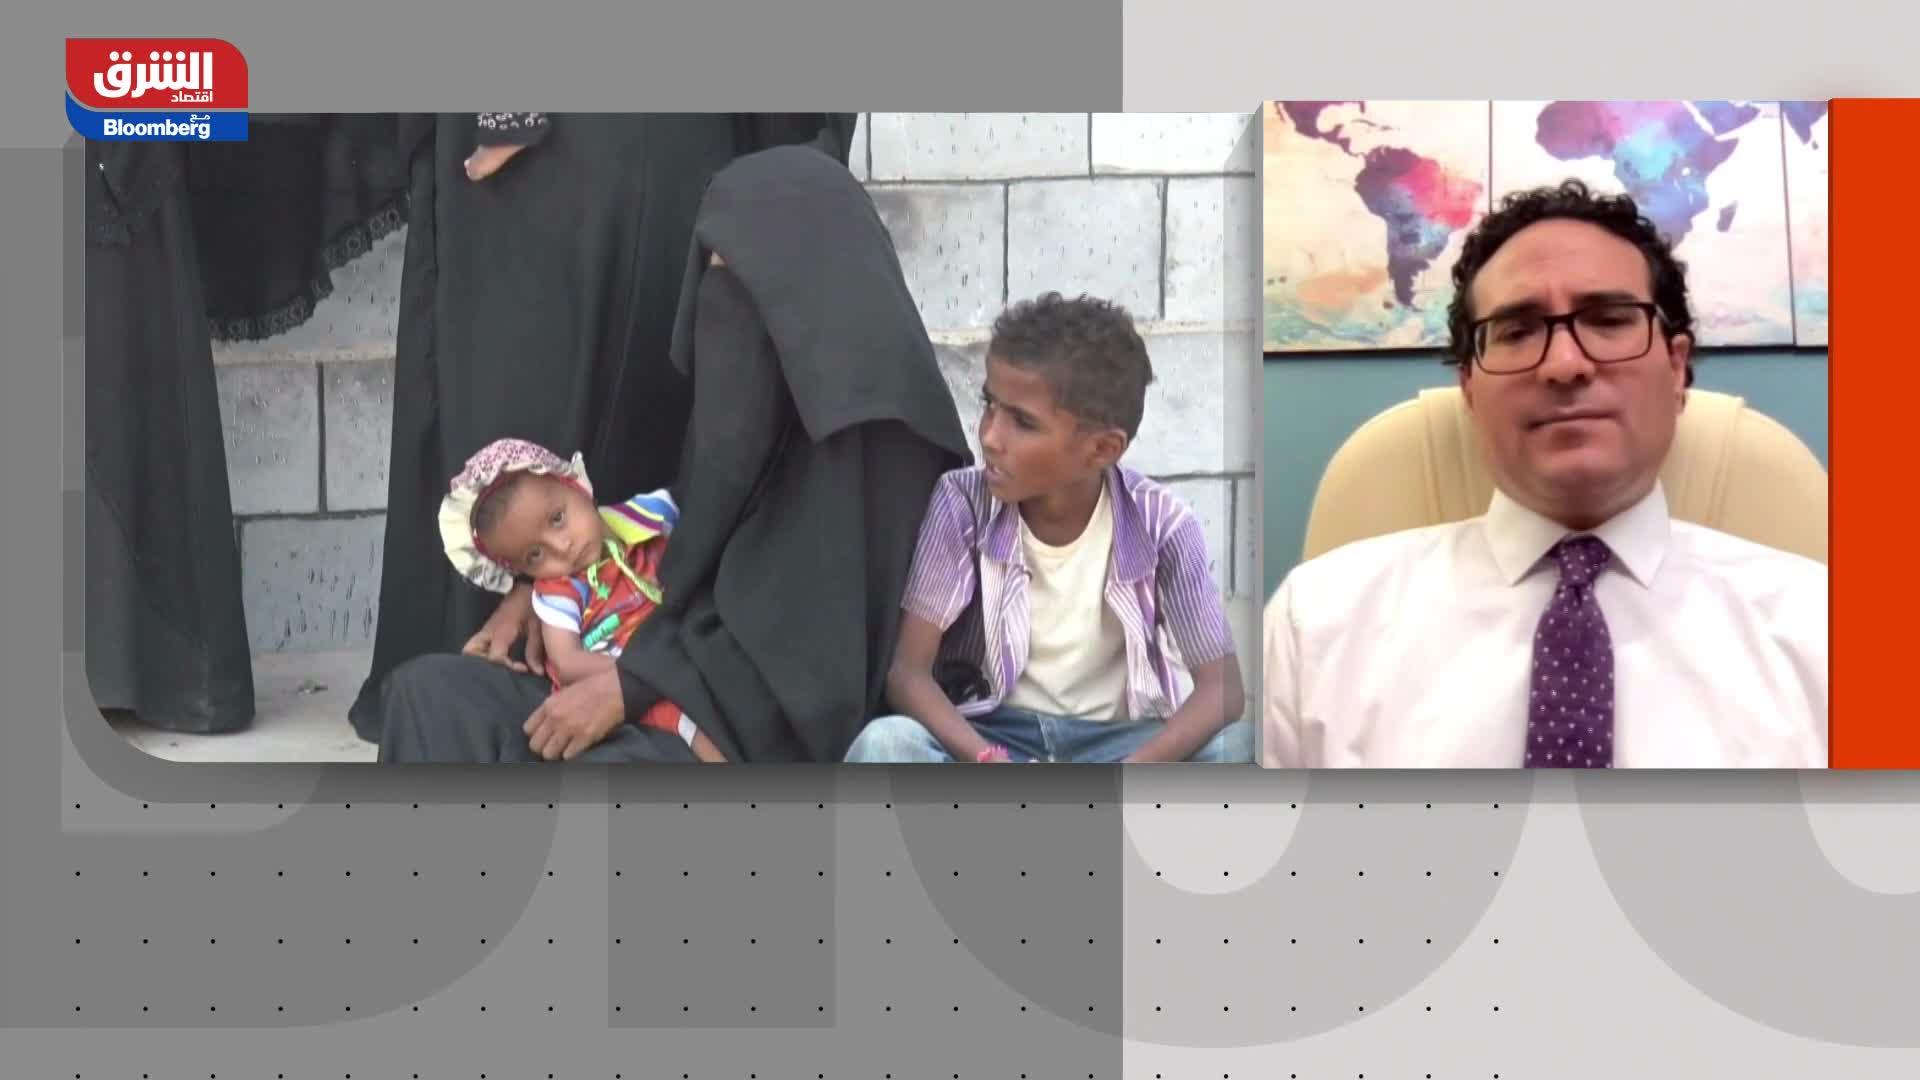 اقتصاد اليمن يتجه للانهيار ويحتاج لإنقاذ